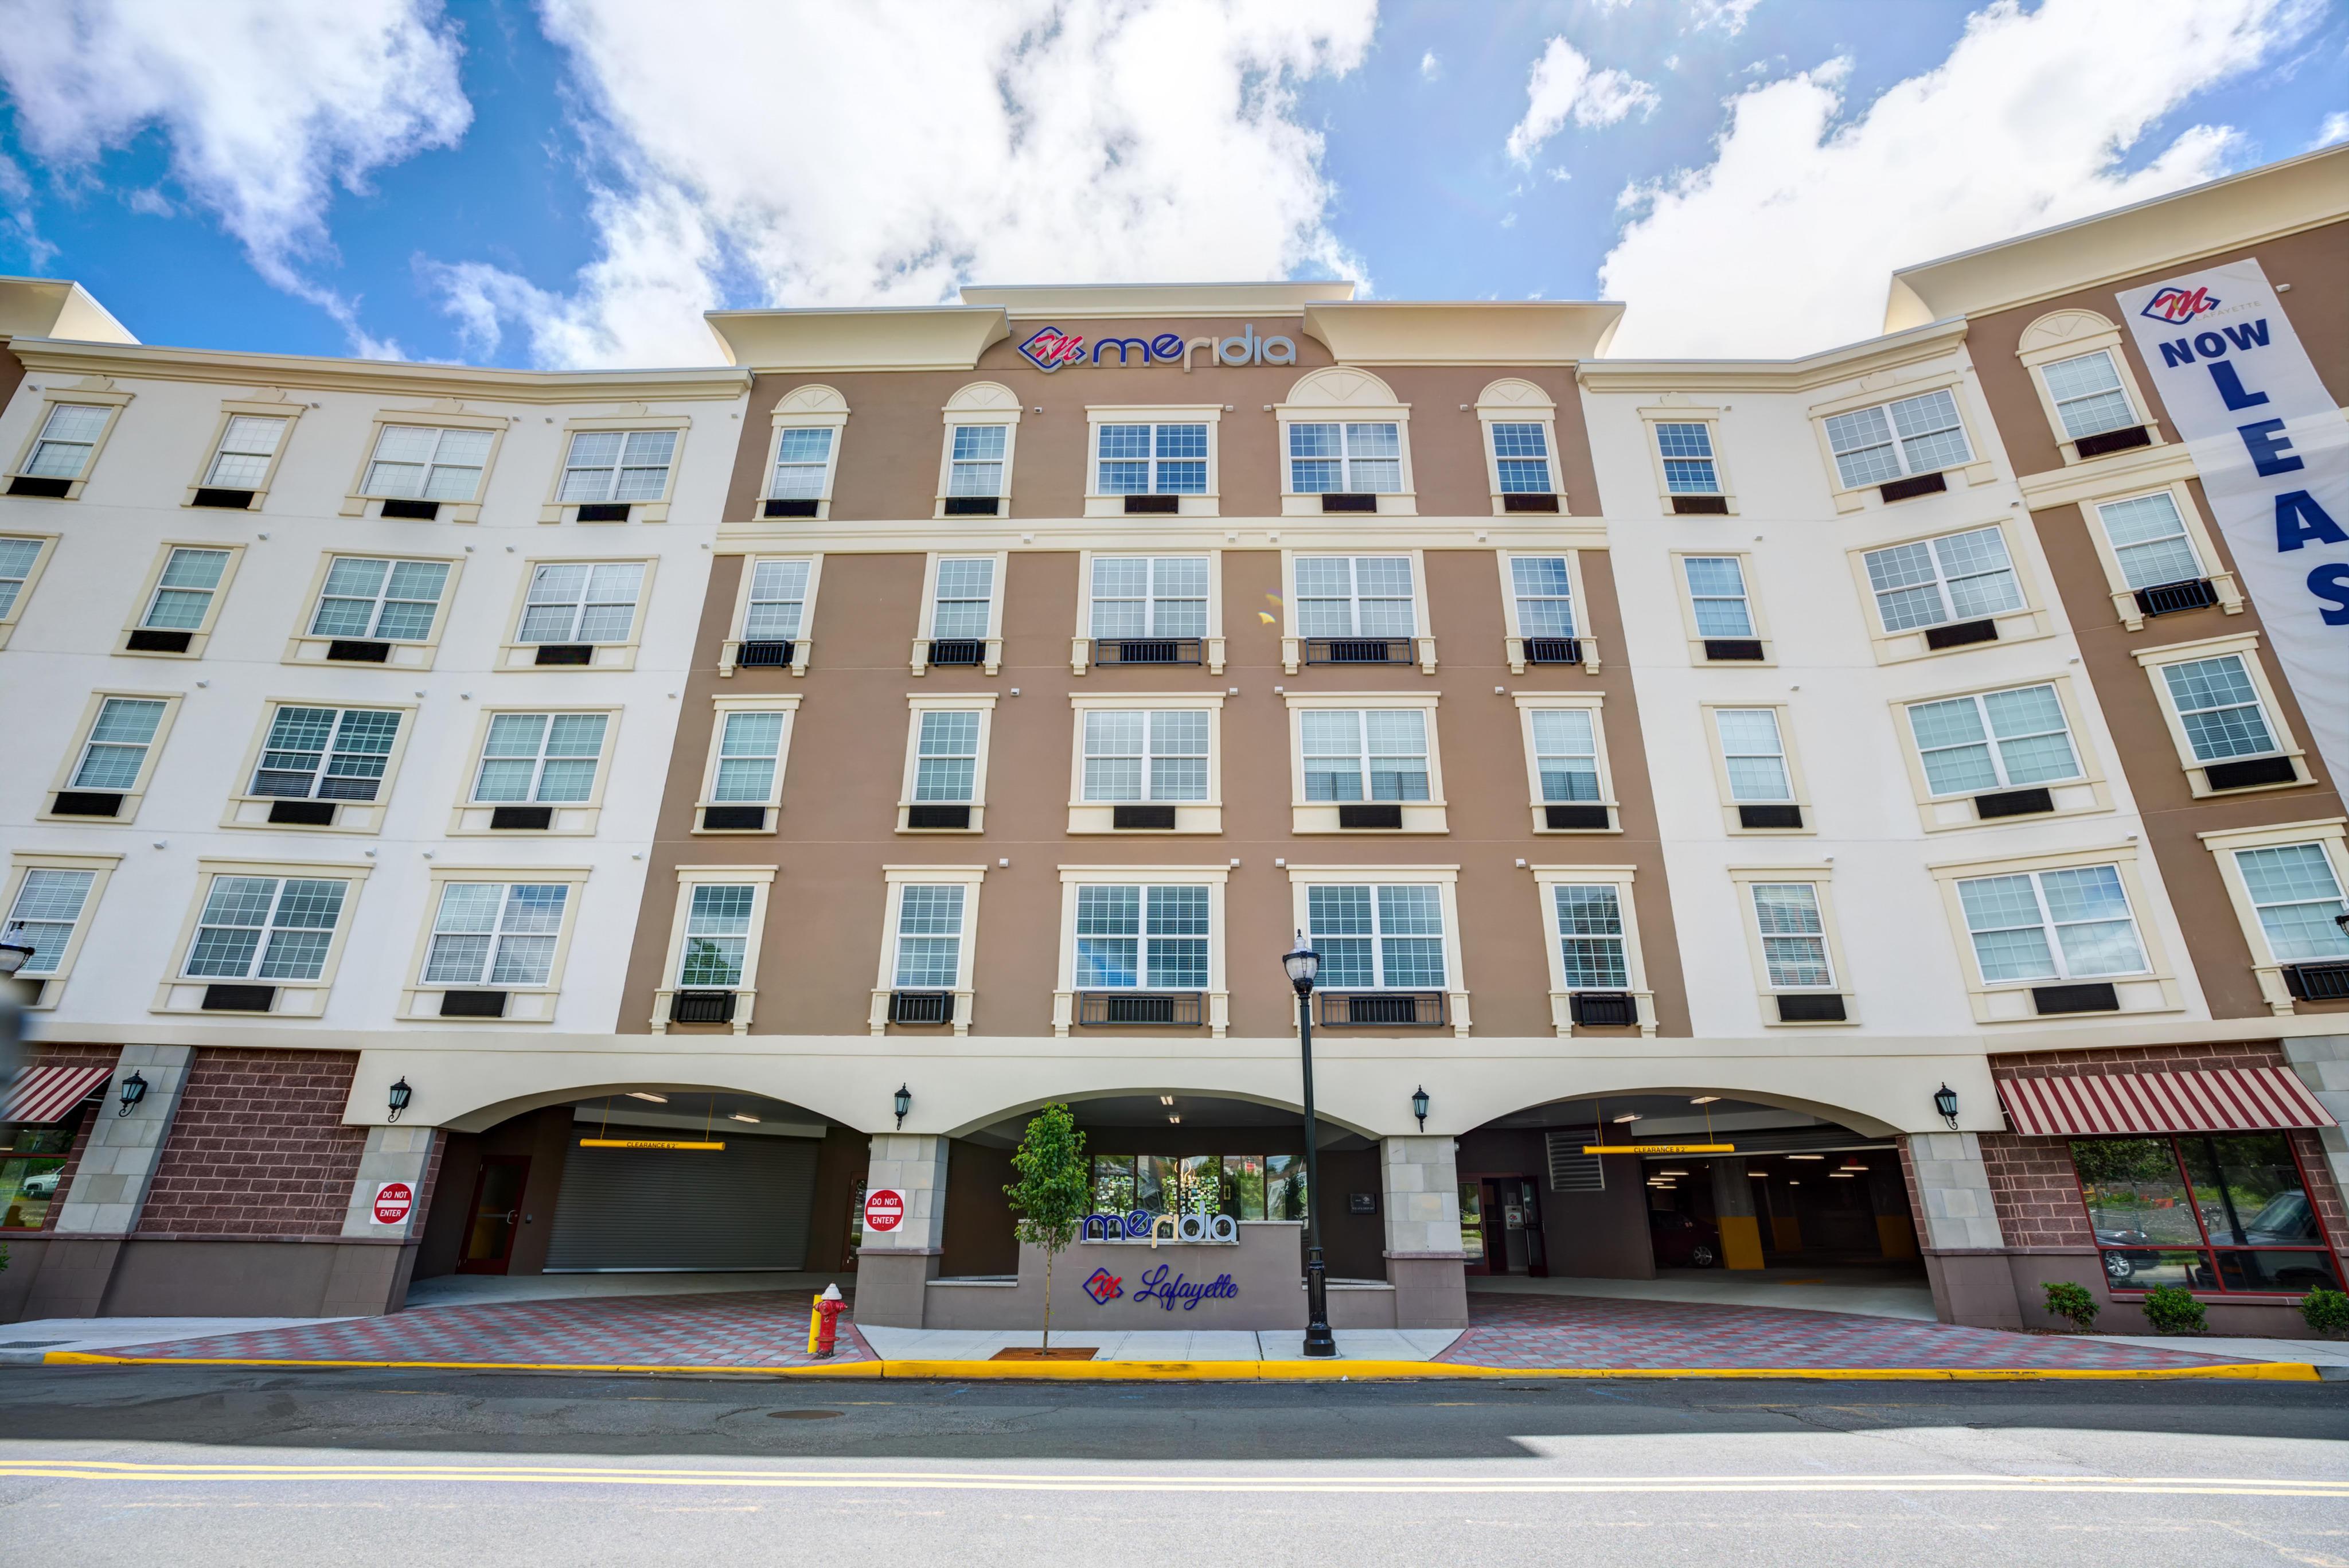 Woodbridge Hills Apartments Nj Reviews